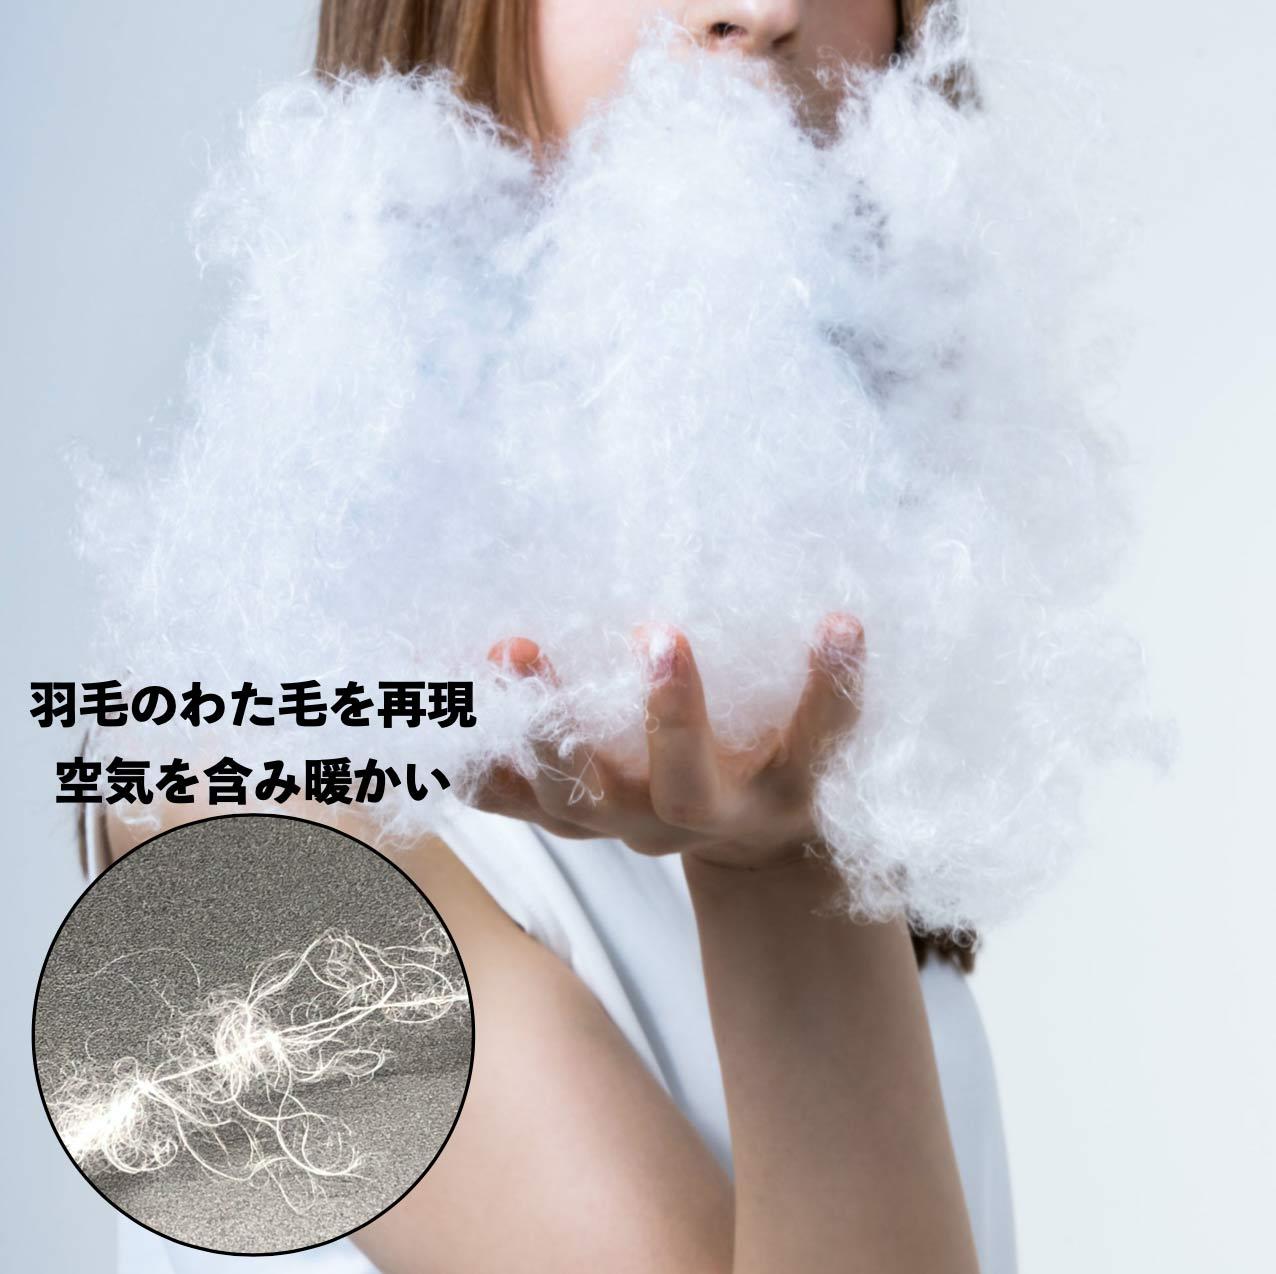 防ダニ・防塵掛け布団 ピューリスト(R)air warm eco with ミクロガード (R)スタンダード